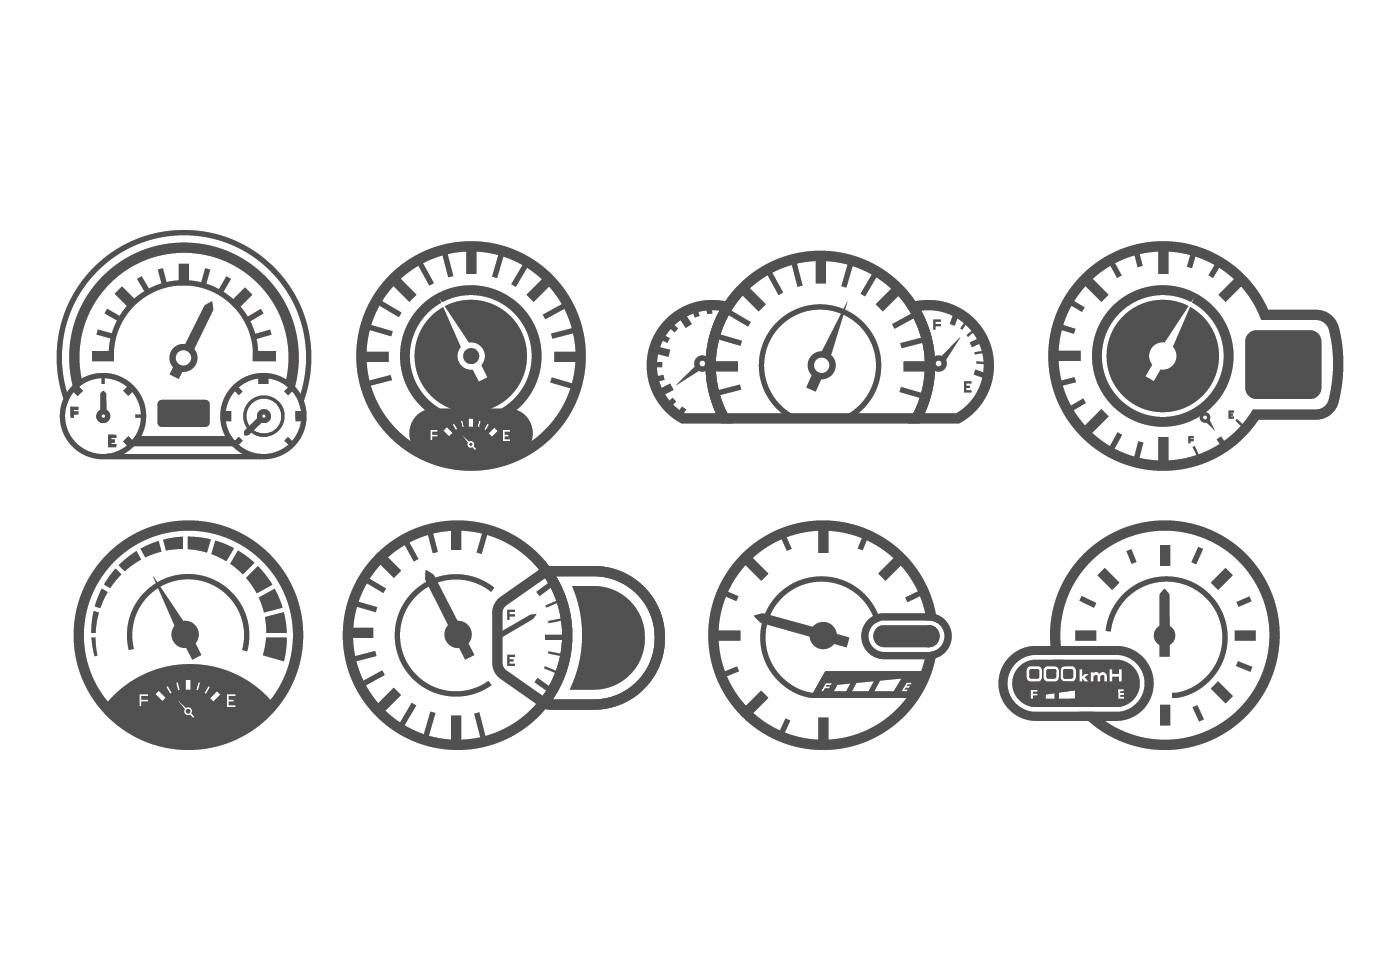 Speedometer Vectors